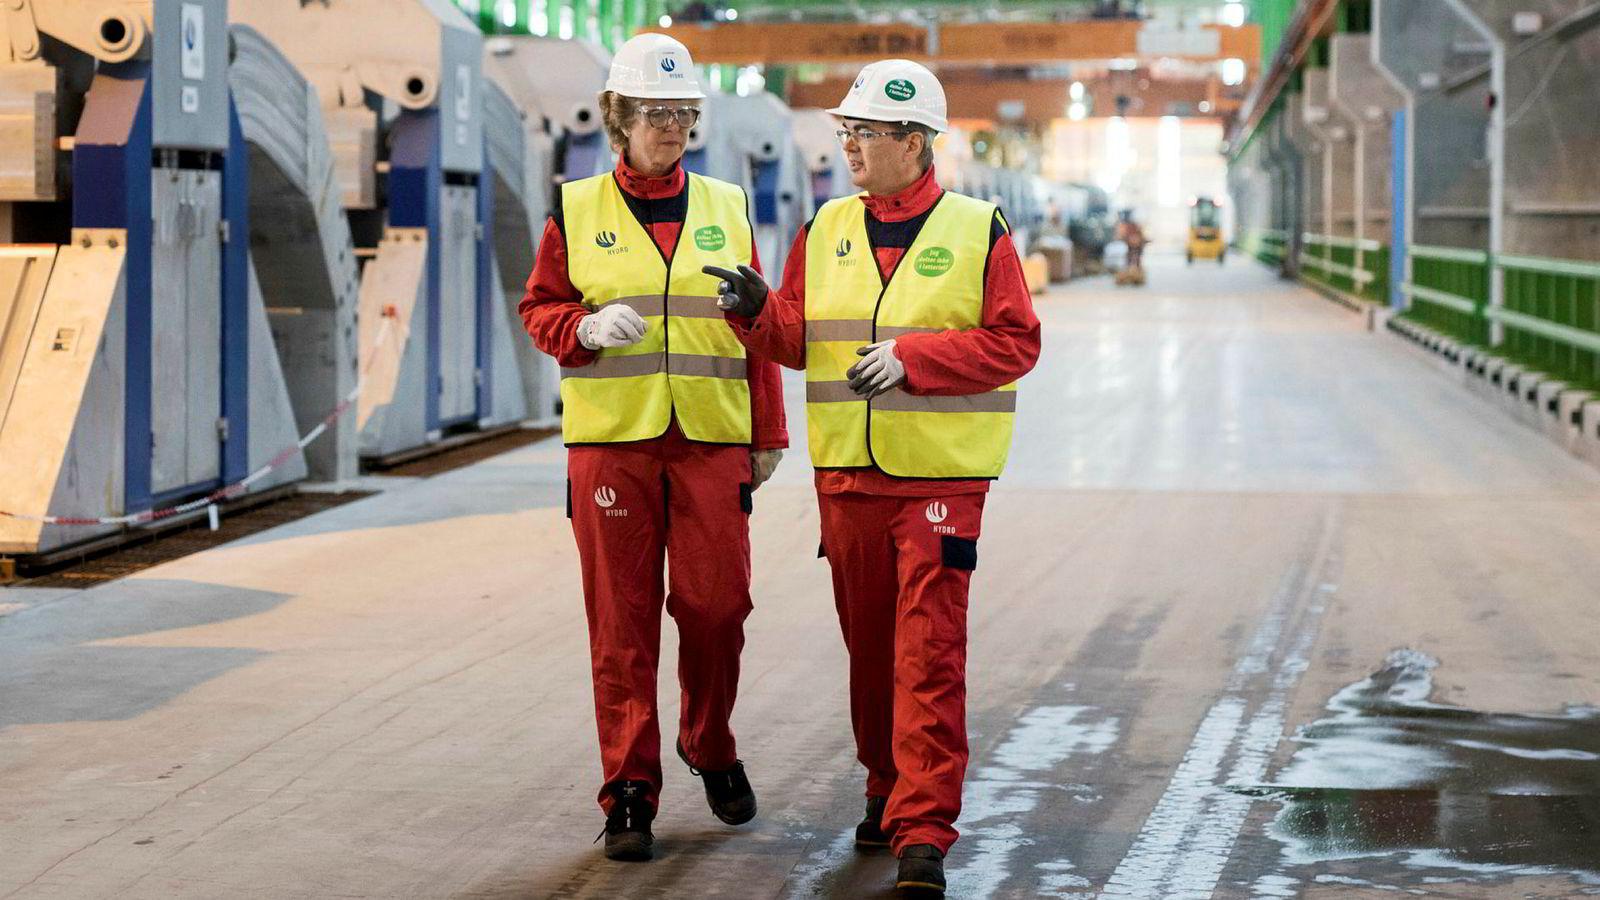 Hilde Merete Aasheim var sjef for primærmetallproduksjonen i Hydro da hun innviet det nye pilotanlegget for energieffektiv aluminiumsproduksjon her på Karmøy sammen med Hydro-sjef Svein Richard Brandtzæg i august 2017. Anlegget har hun stått i bresjen for.